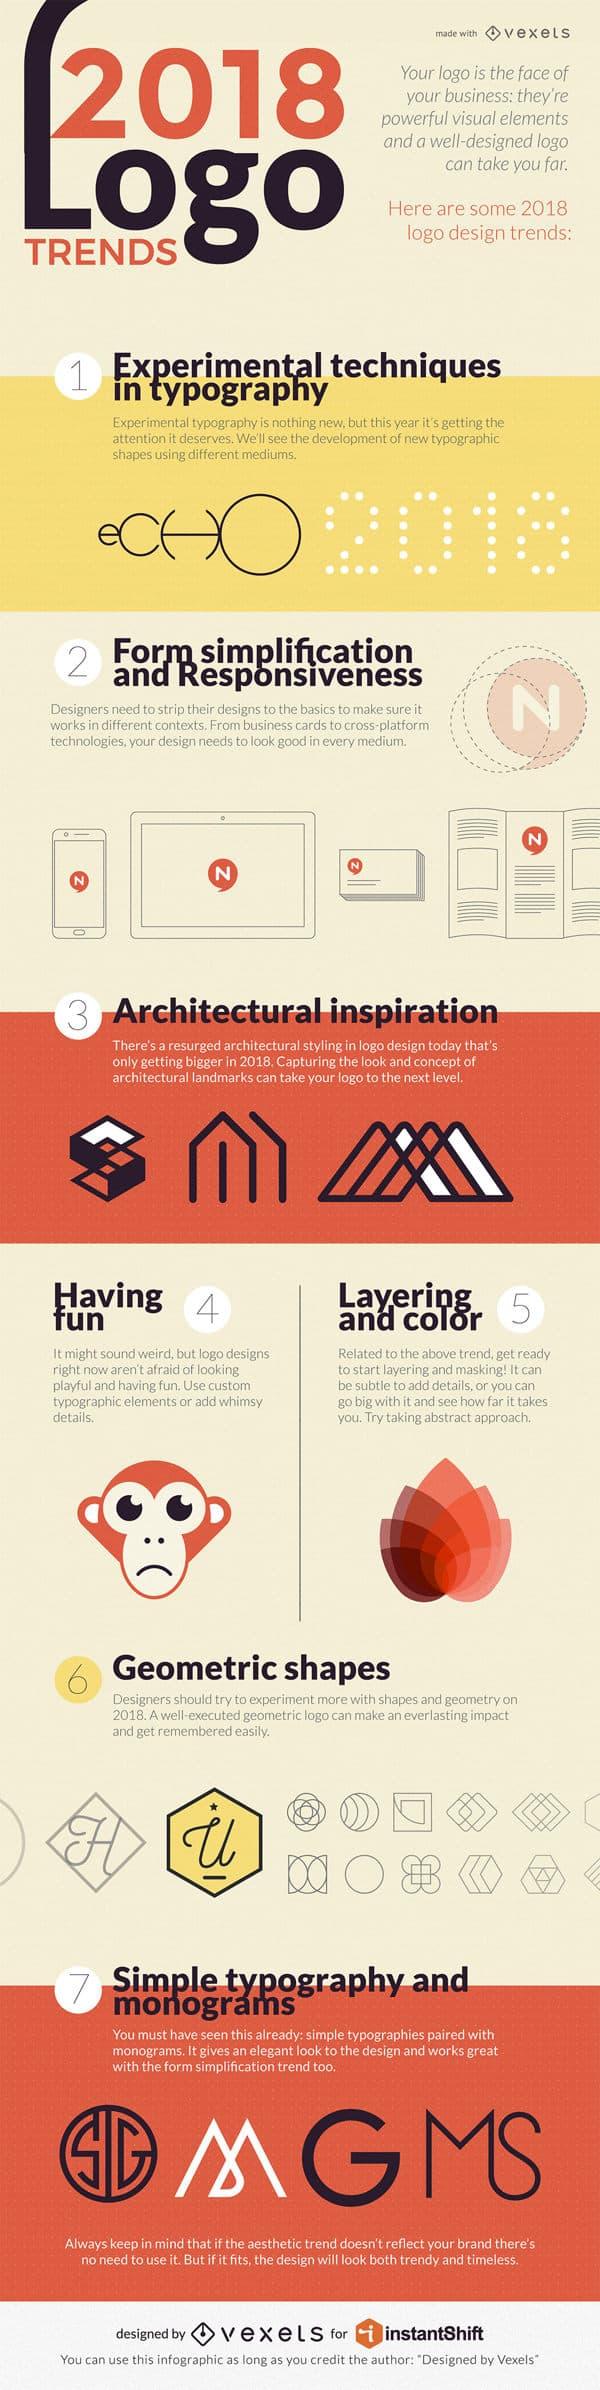 tendencias actuales para el diseño de logos infografia